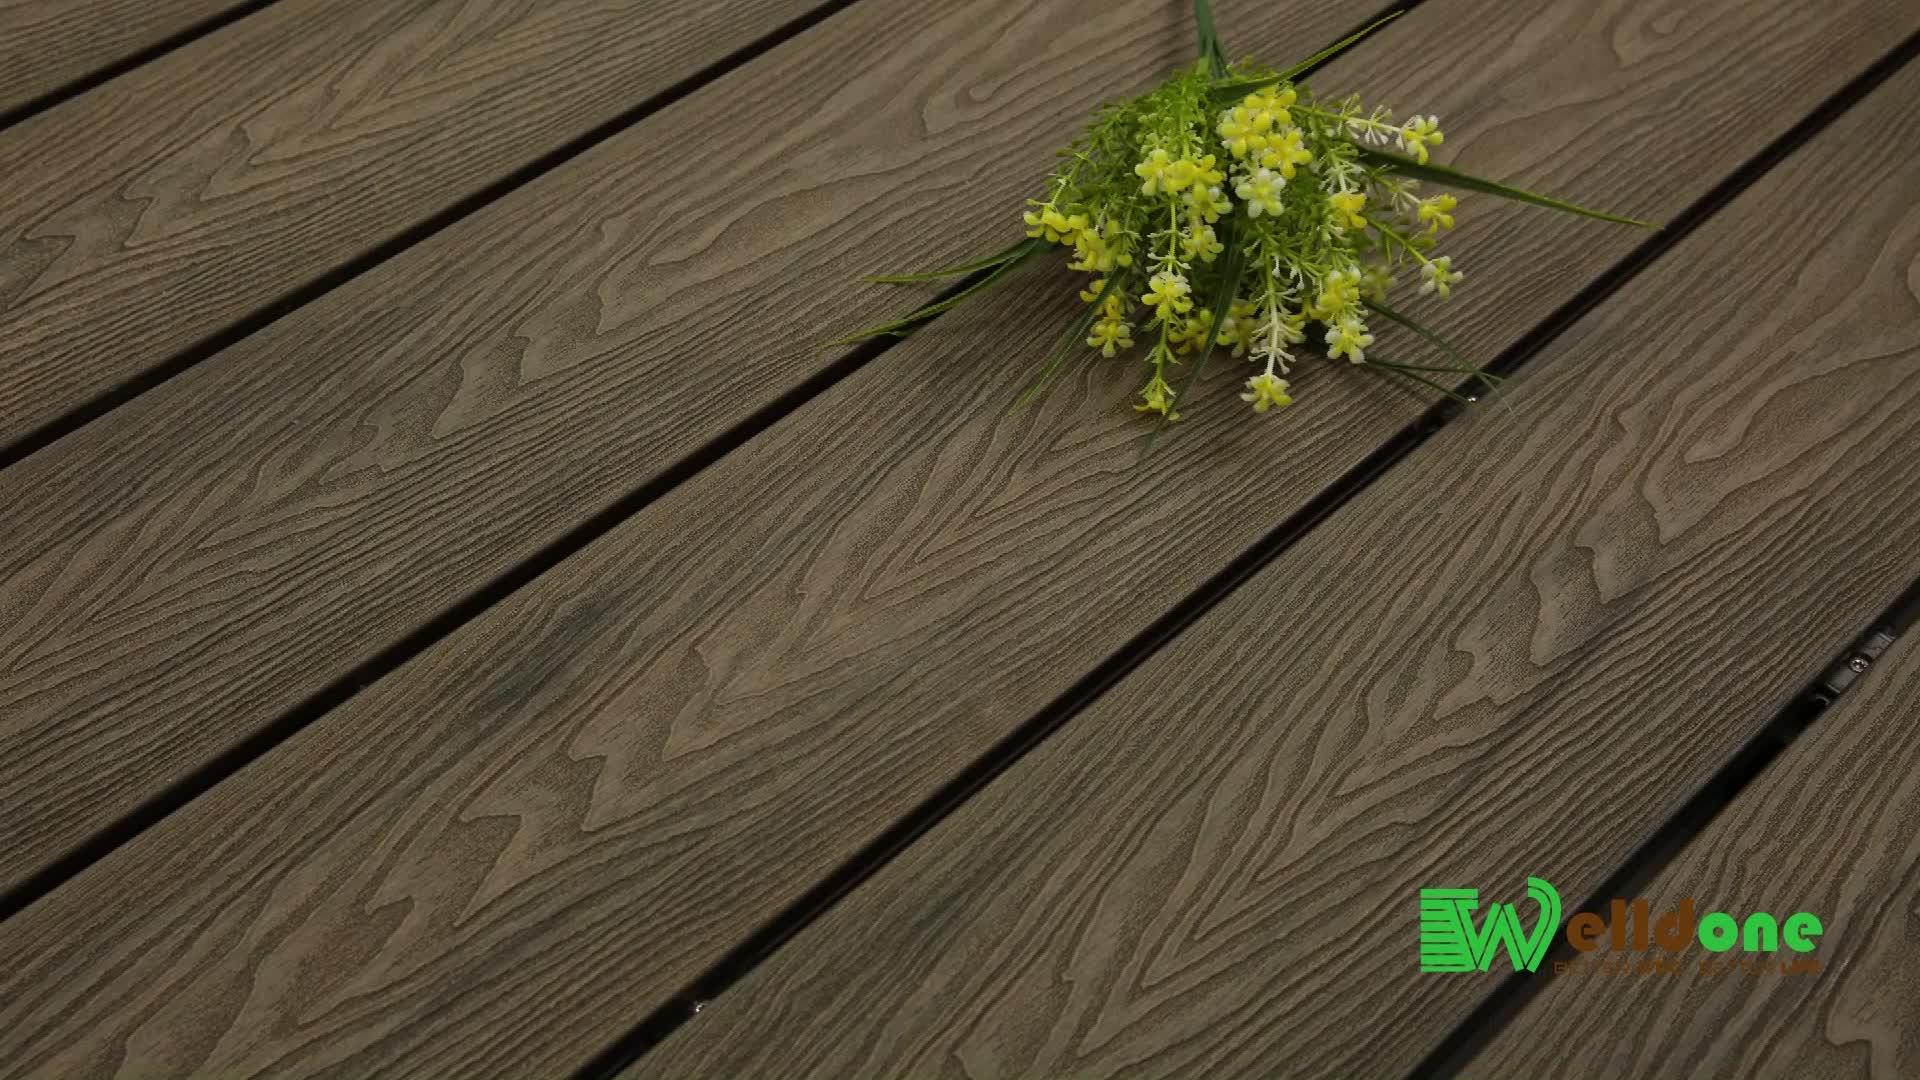 Bois Pour Terrasse Extérieure bon marché 3d grain de bois wpc ipe parquet bois pvc plancher prix terrasse  extérieure asiatique teck composite platelage pour piscine - buy platelage